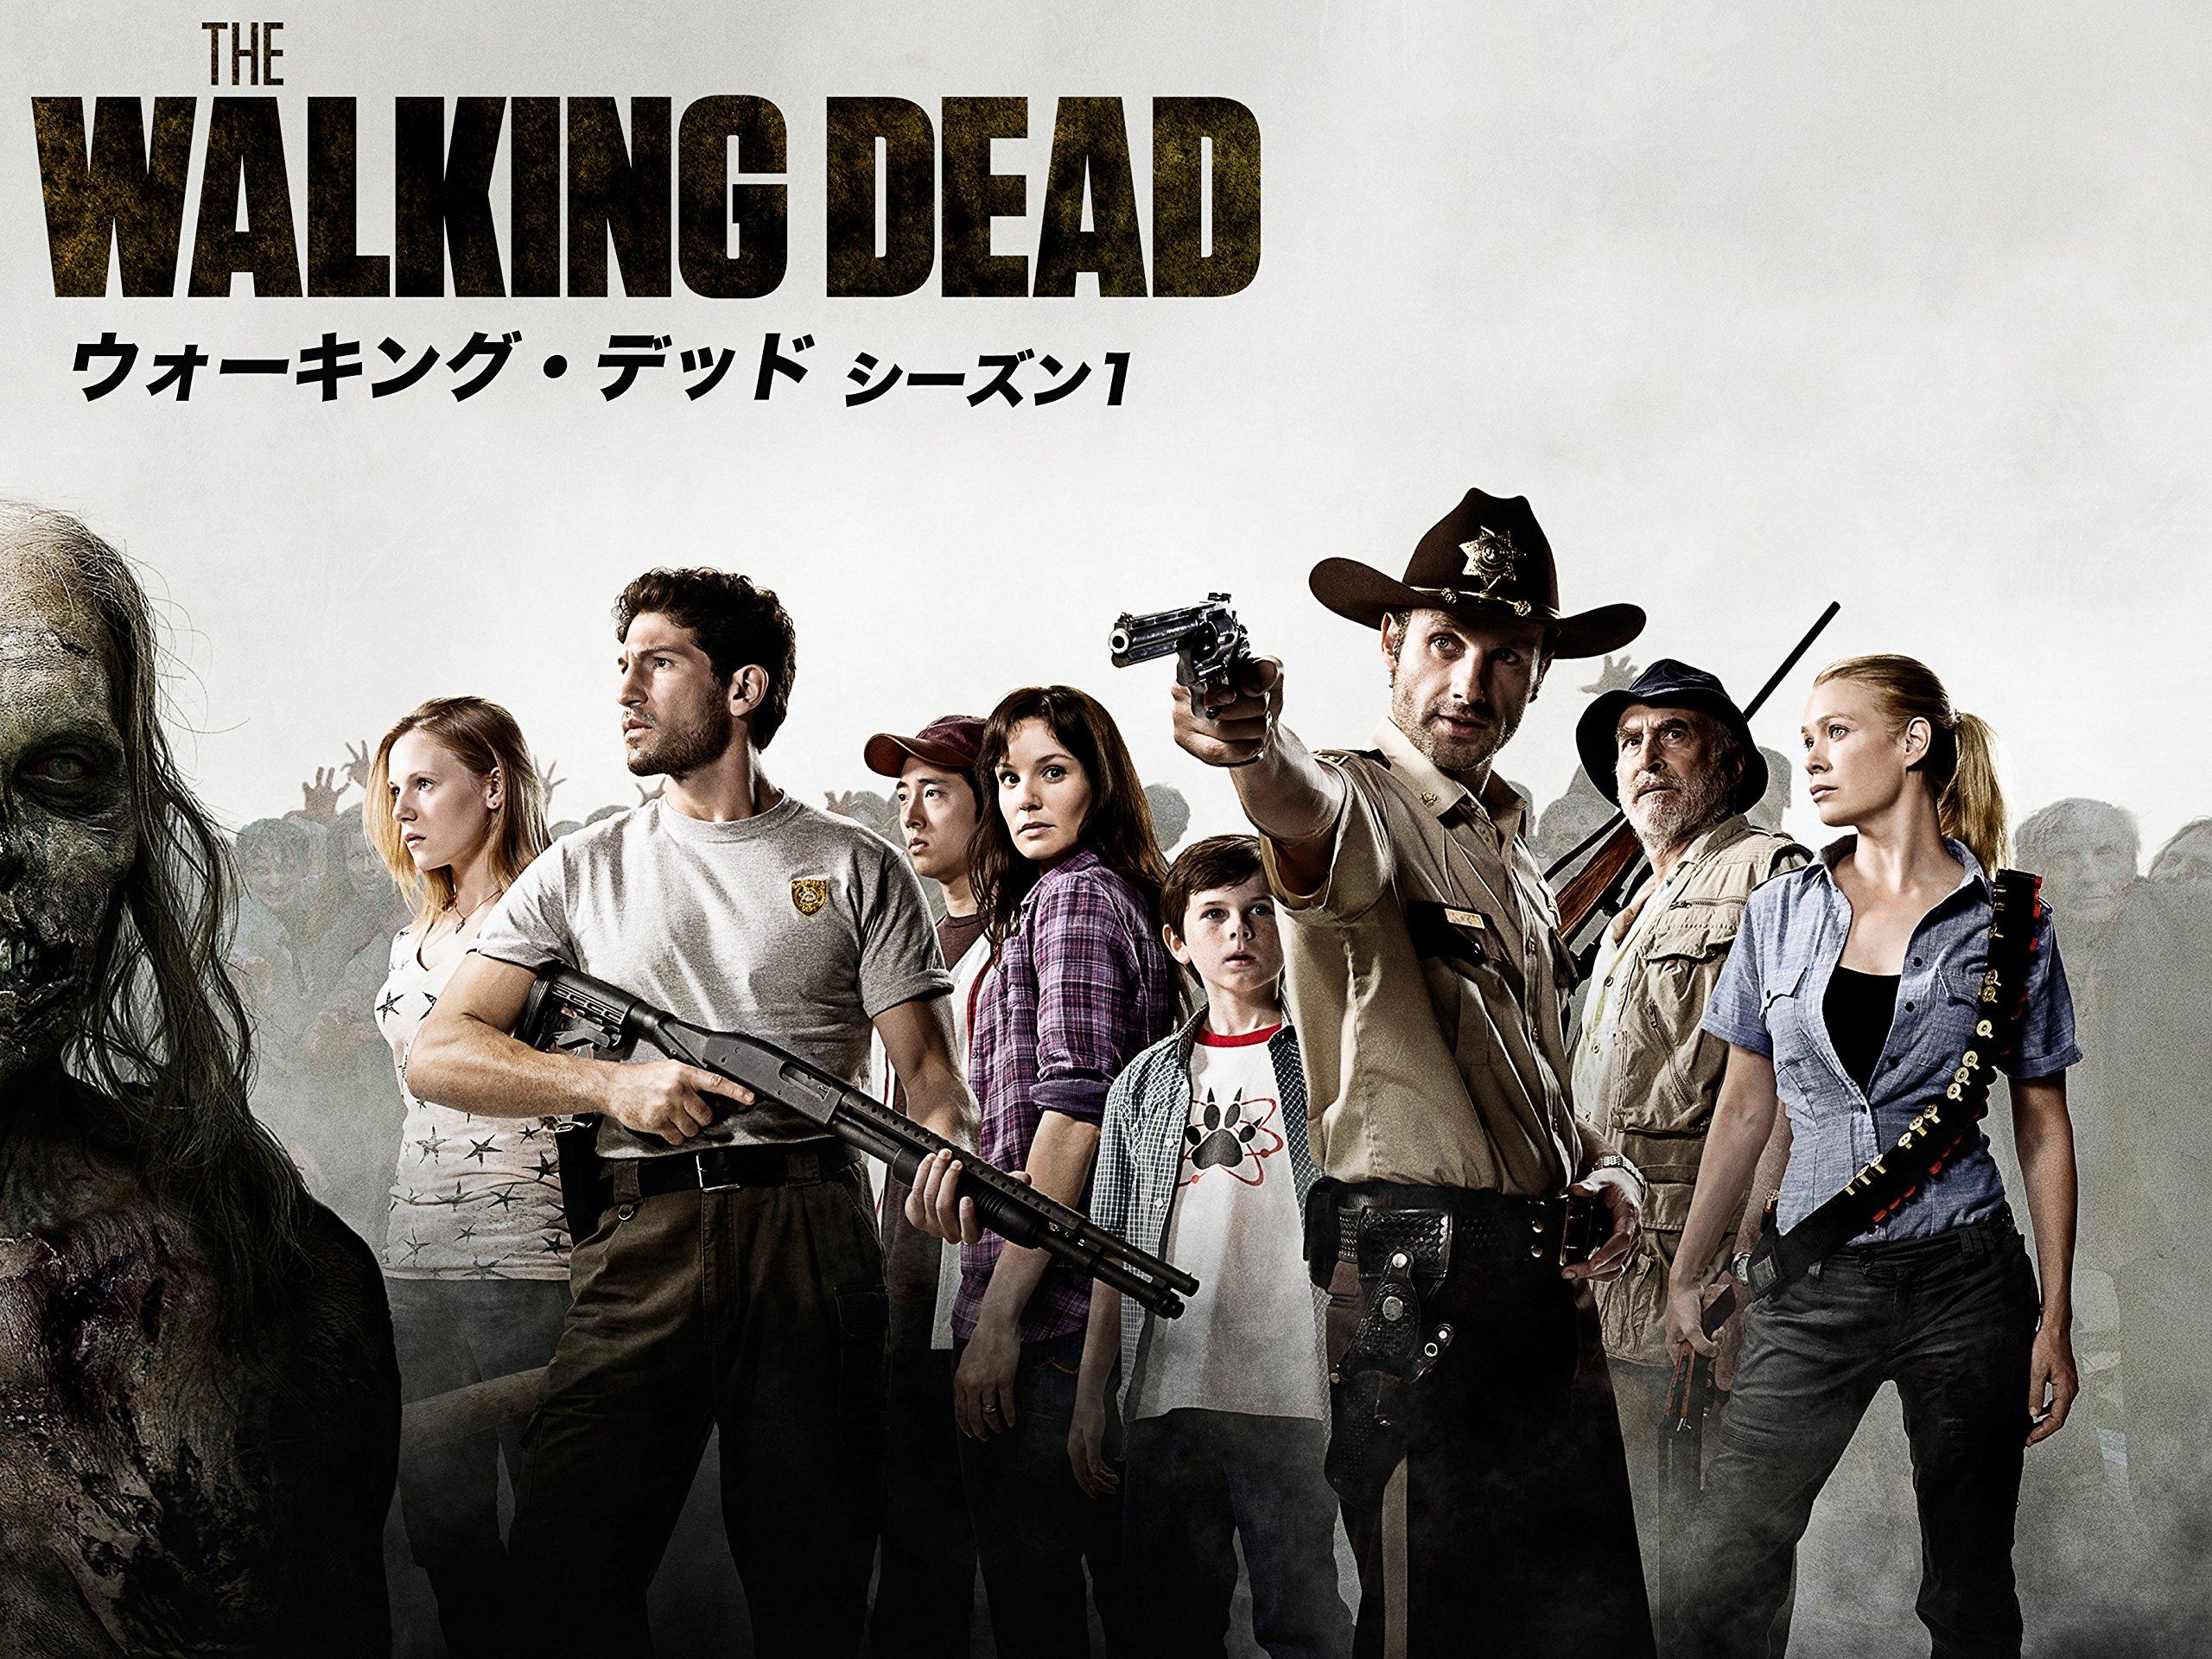 Amazon.co.jp ウォーキング・デッド シーズン1 (字幕版)を観る